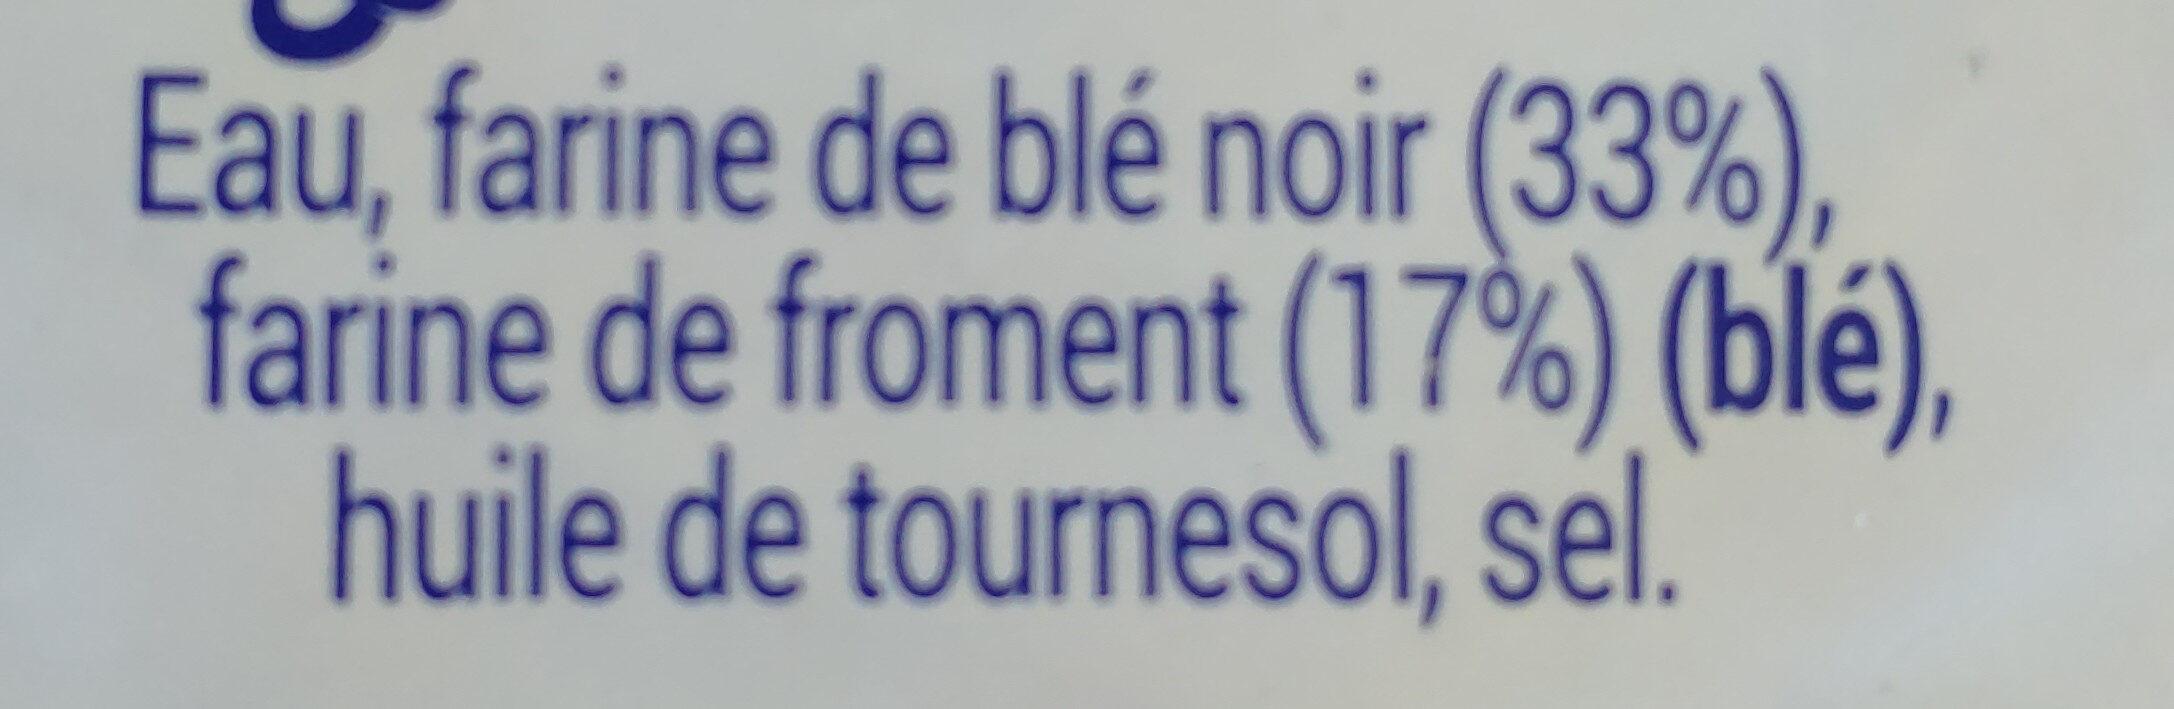 6 Galettes de ble noir fraiches CATEL ROC - Ingrédients - fr